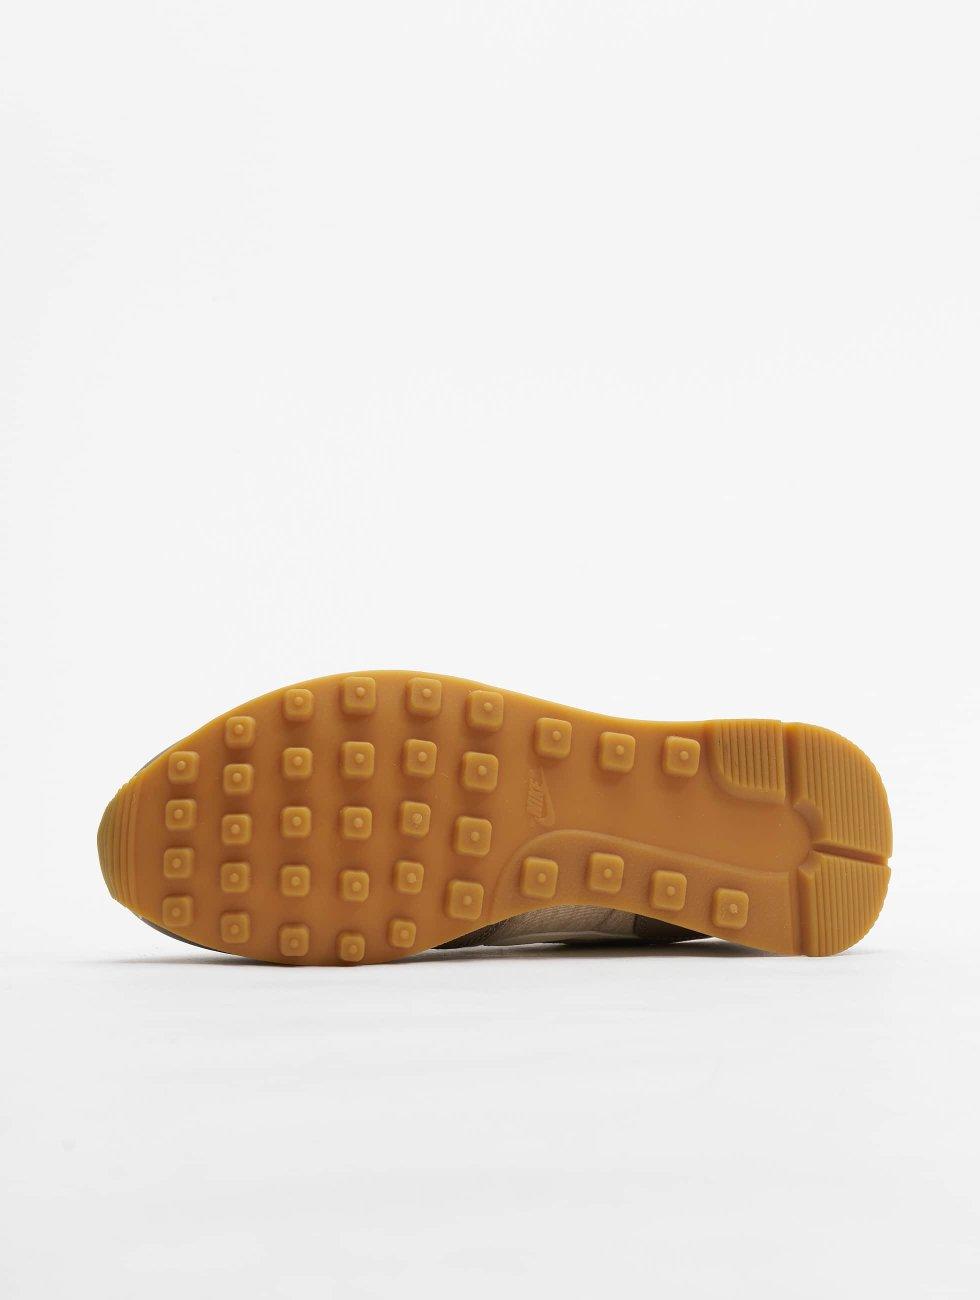 Billig Nye Ankomst Nike Vakkert / Sneaker Inter I Beige 416767 Nyeste Rabatt Utløp Nyeste XpRBy